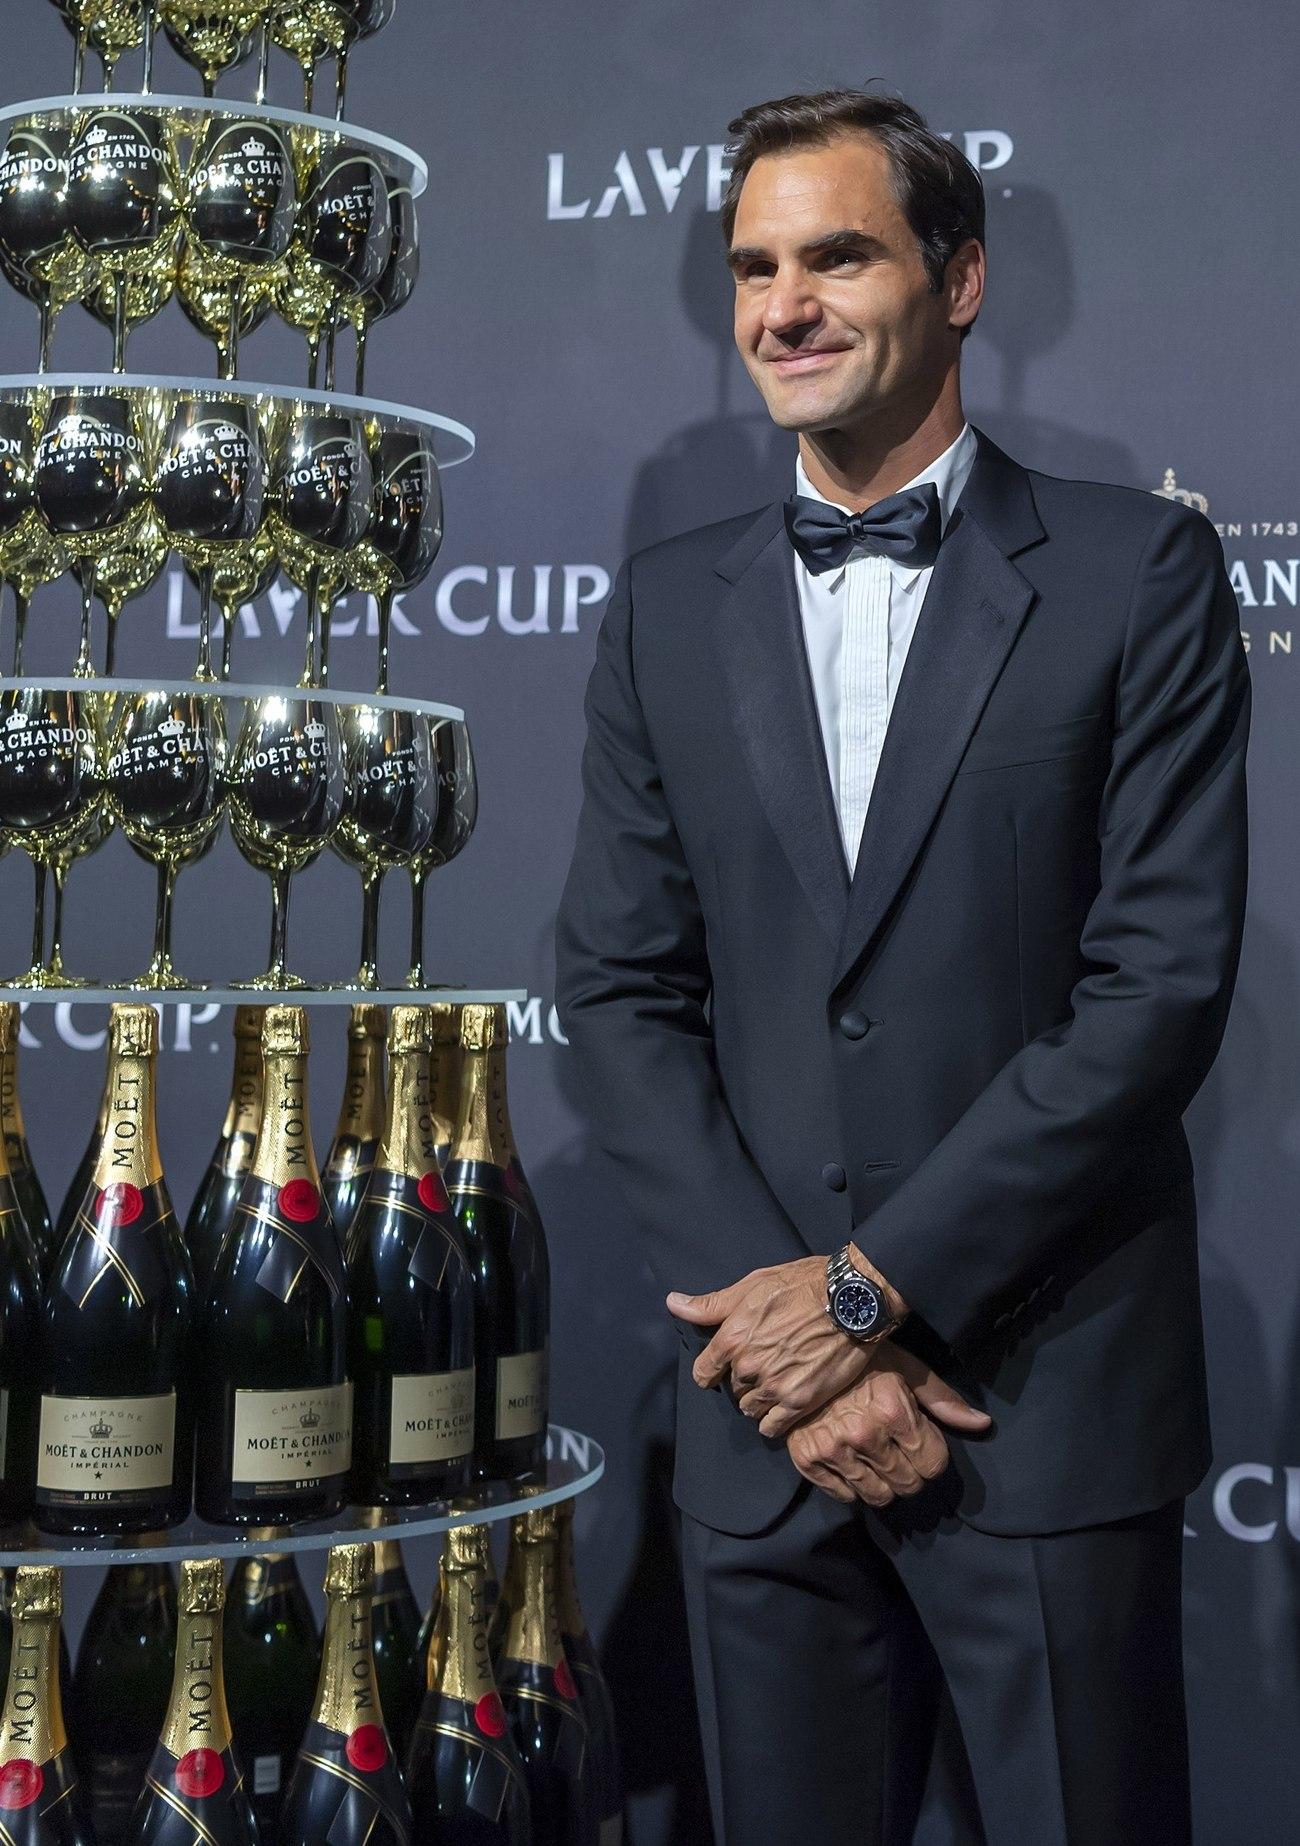 Roger Federer en la alfombra roja de la noche de gala de la Laver Cup en Ginebra